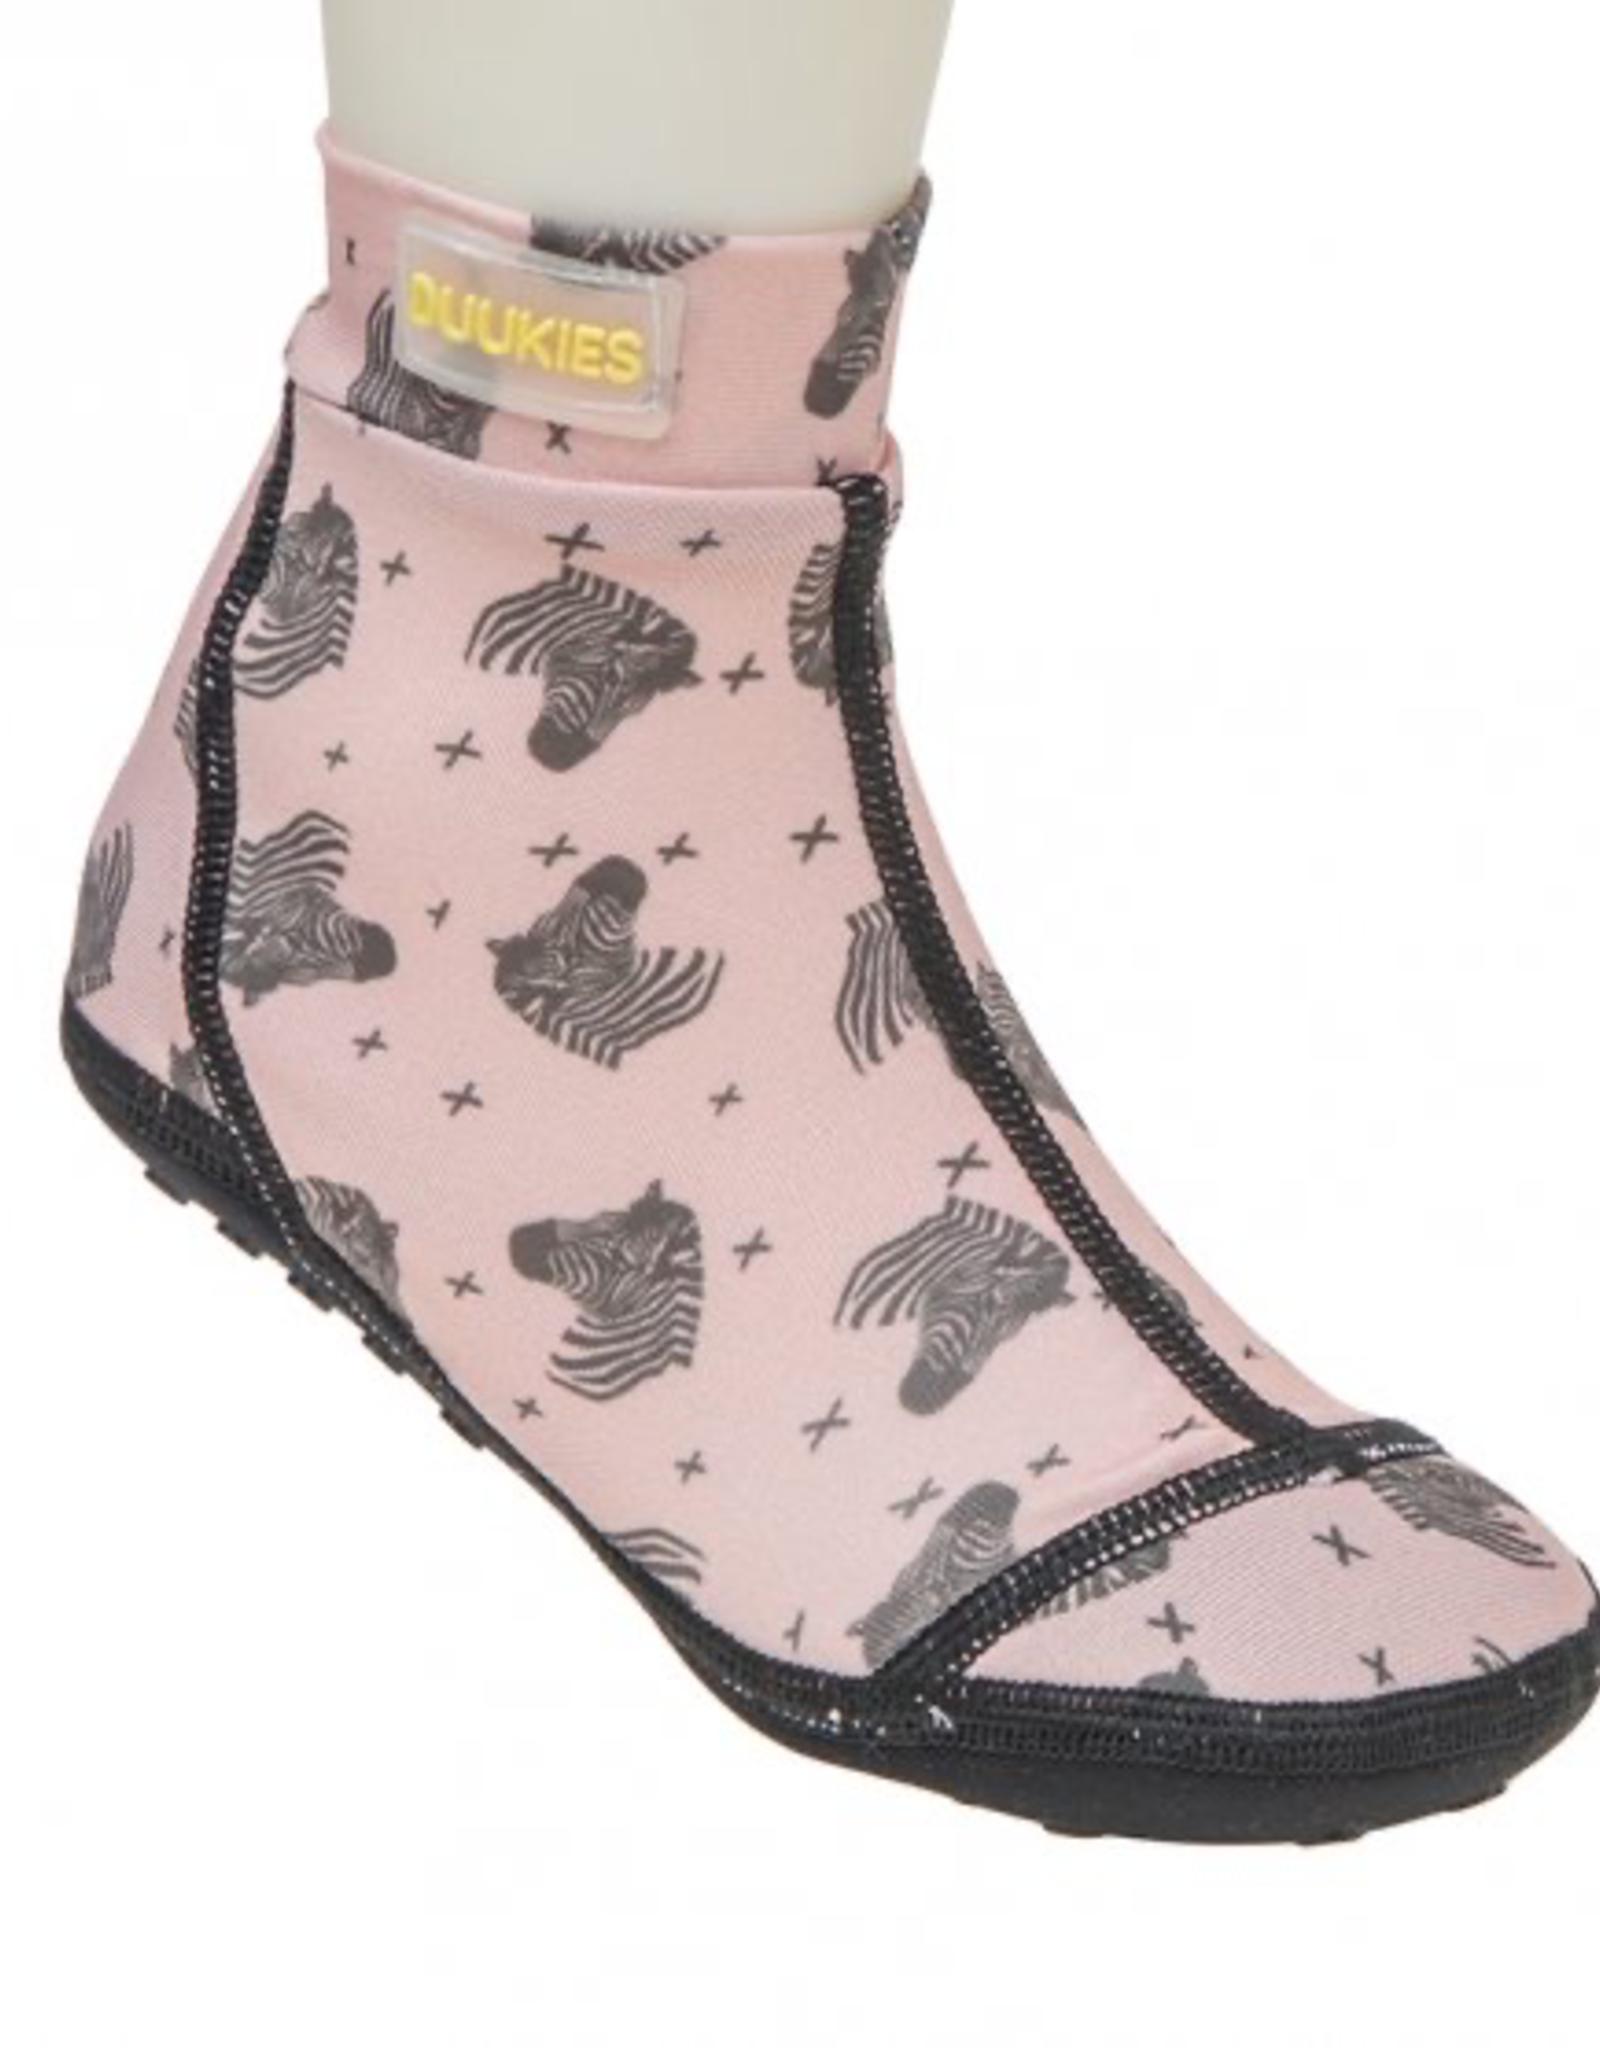 Duukies Beach Socks in Zebra